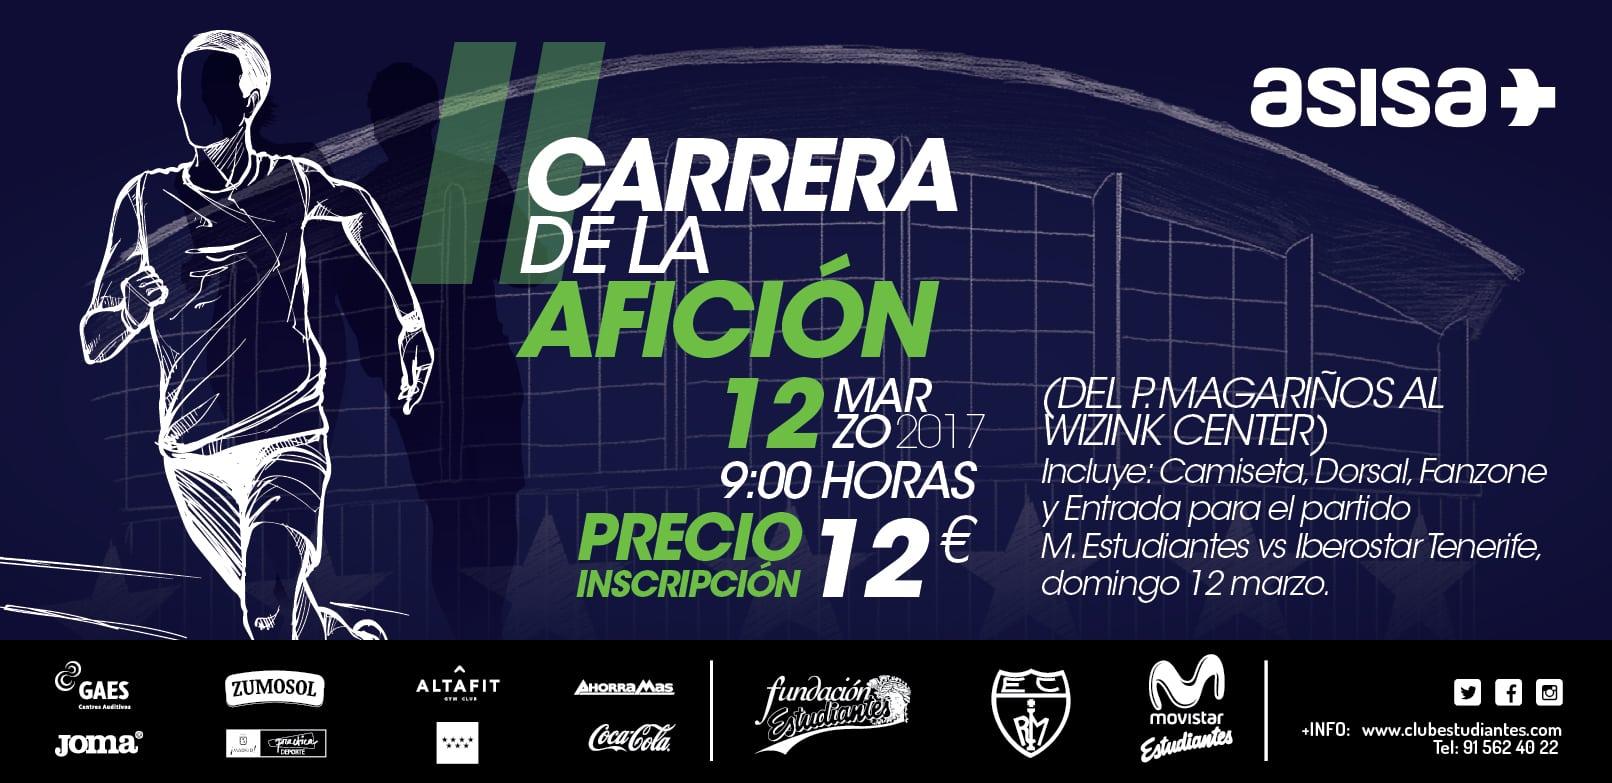 II Carrera de la Afición, domingo 12 de marzo antes del partido